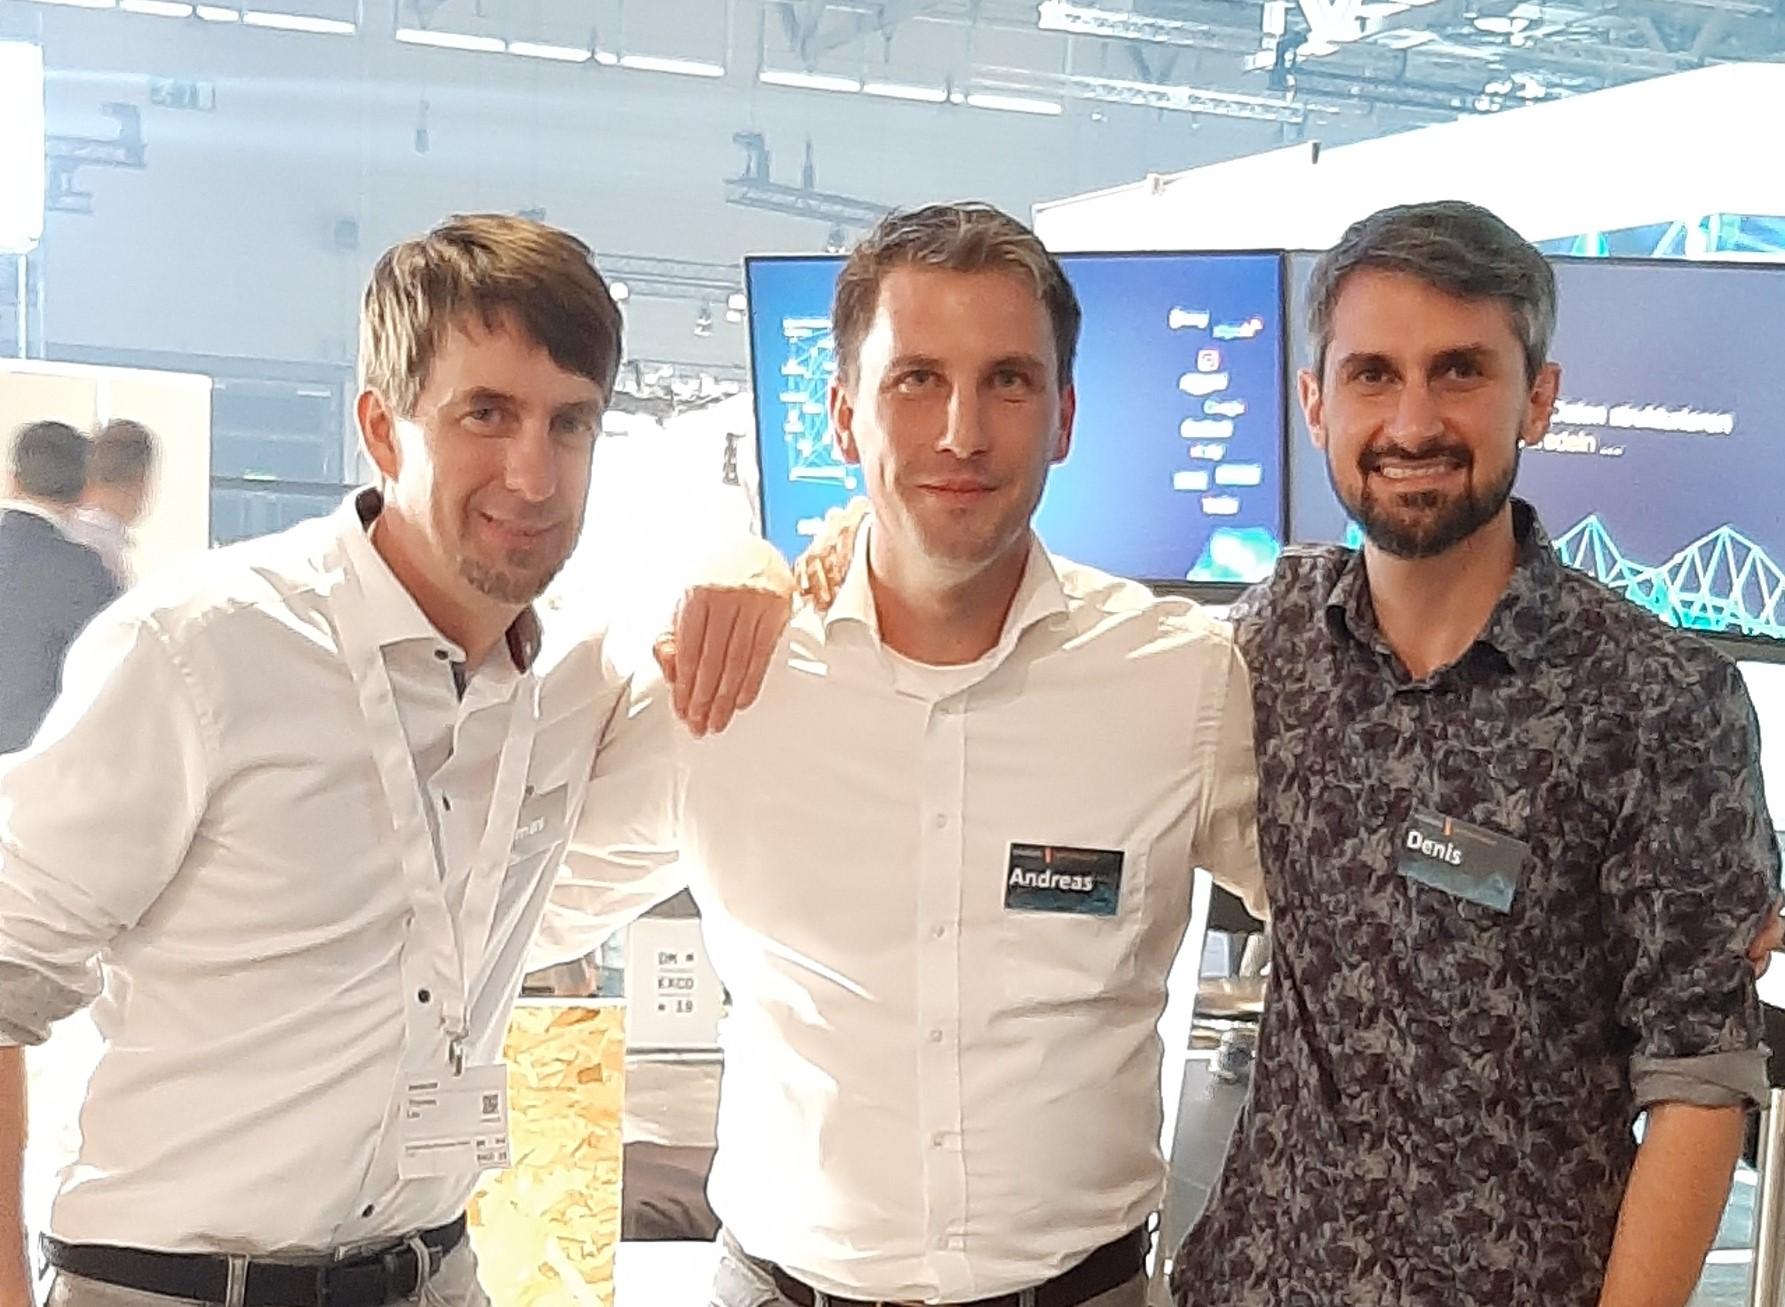 Unsere drei Perfomance Nerds findest du in unserer Online Marketing Agentur in Münster.